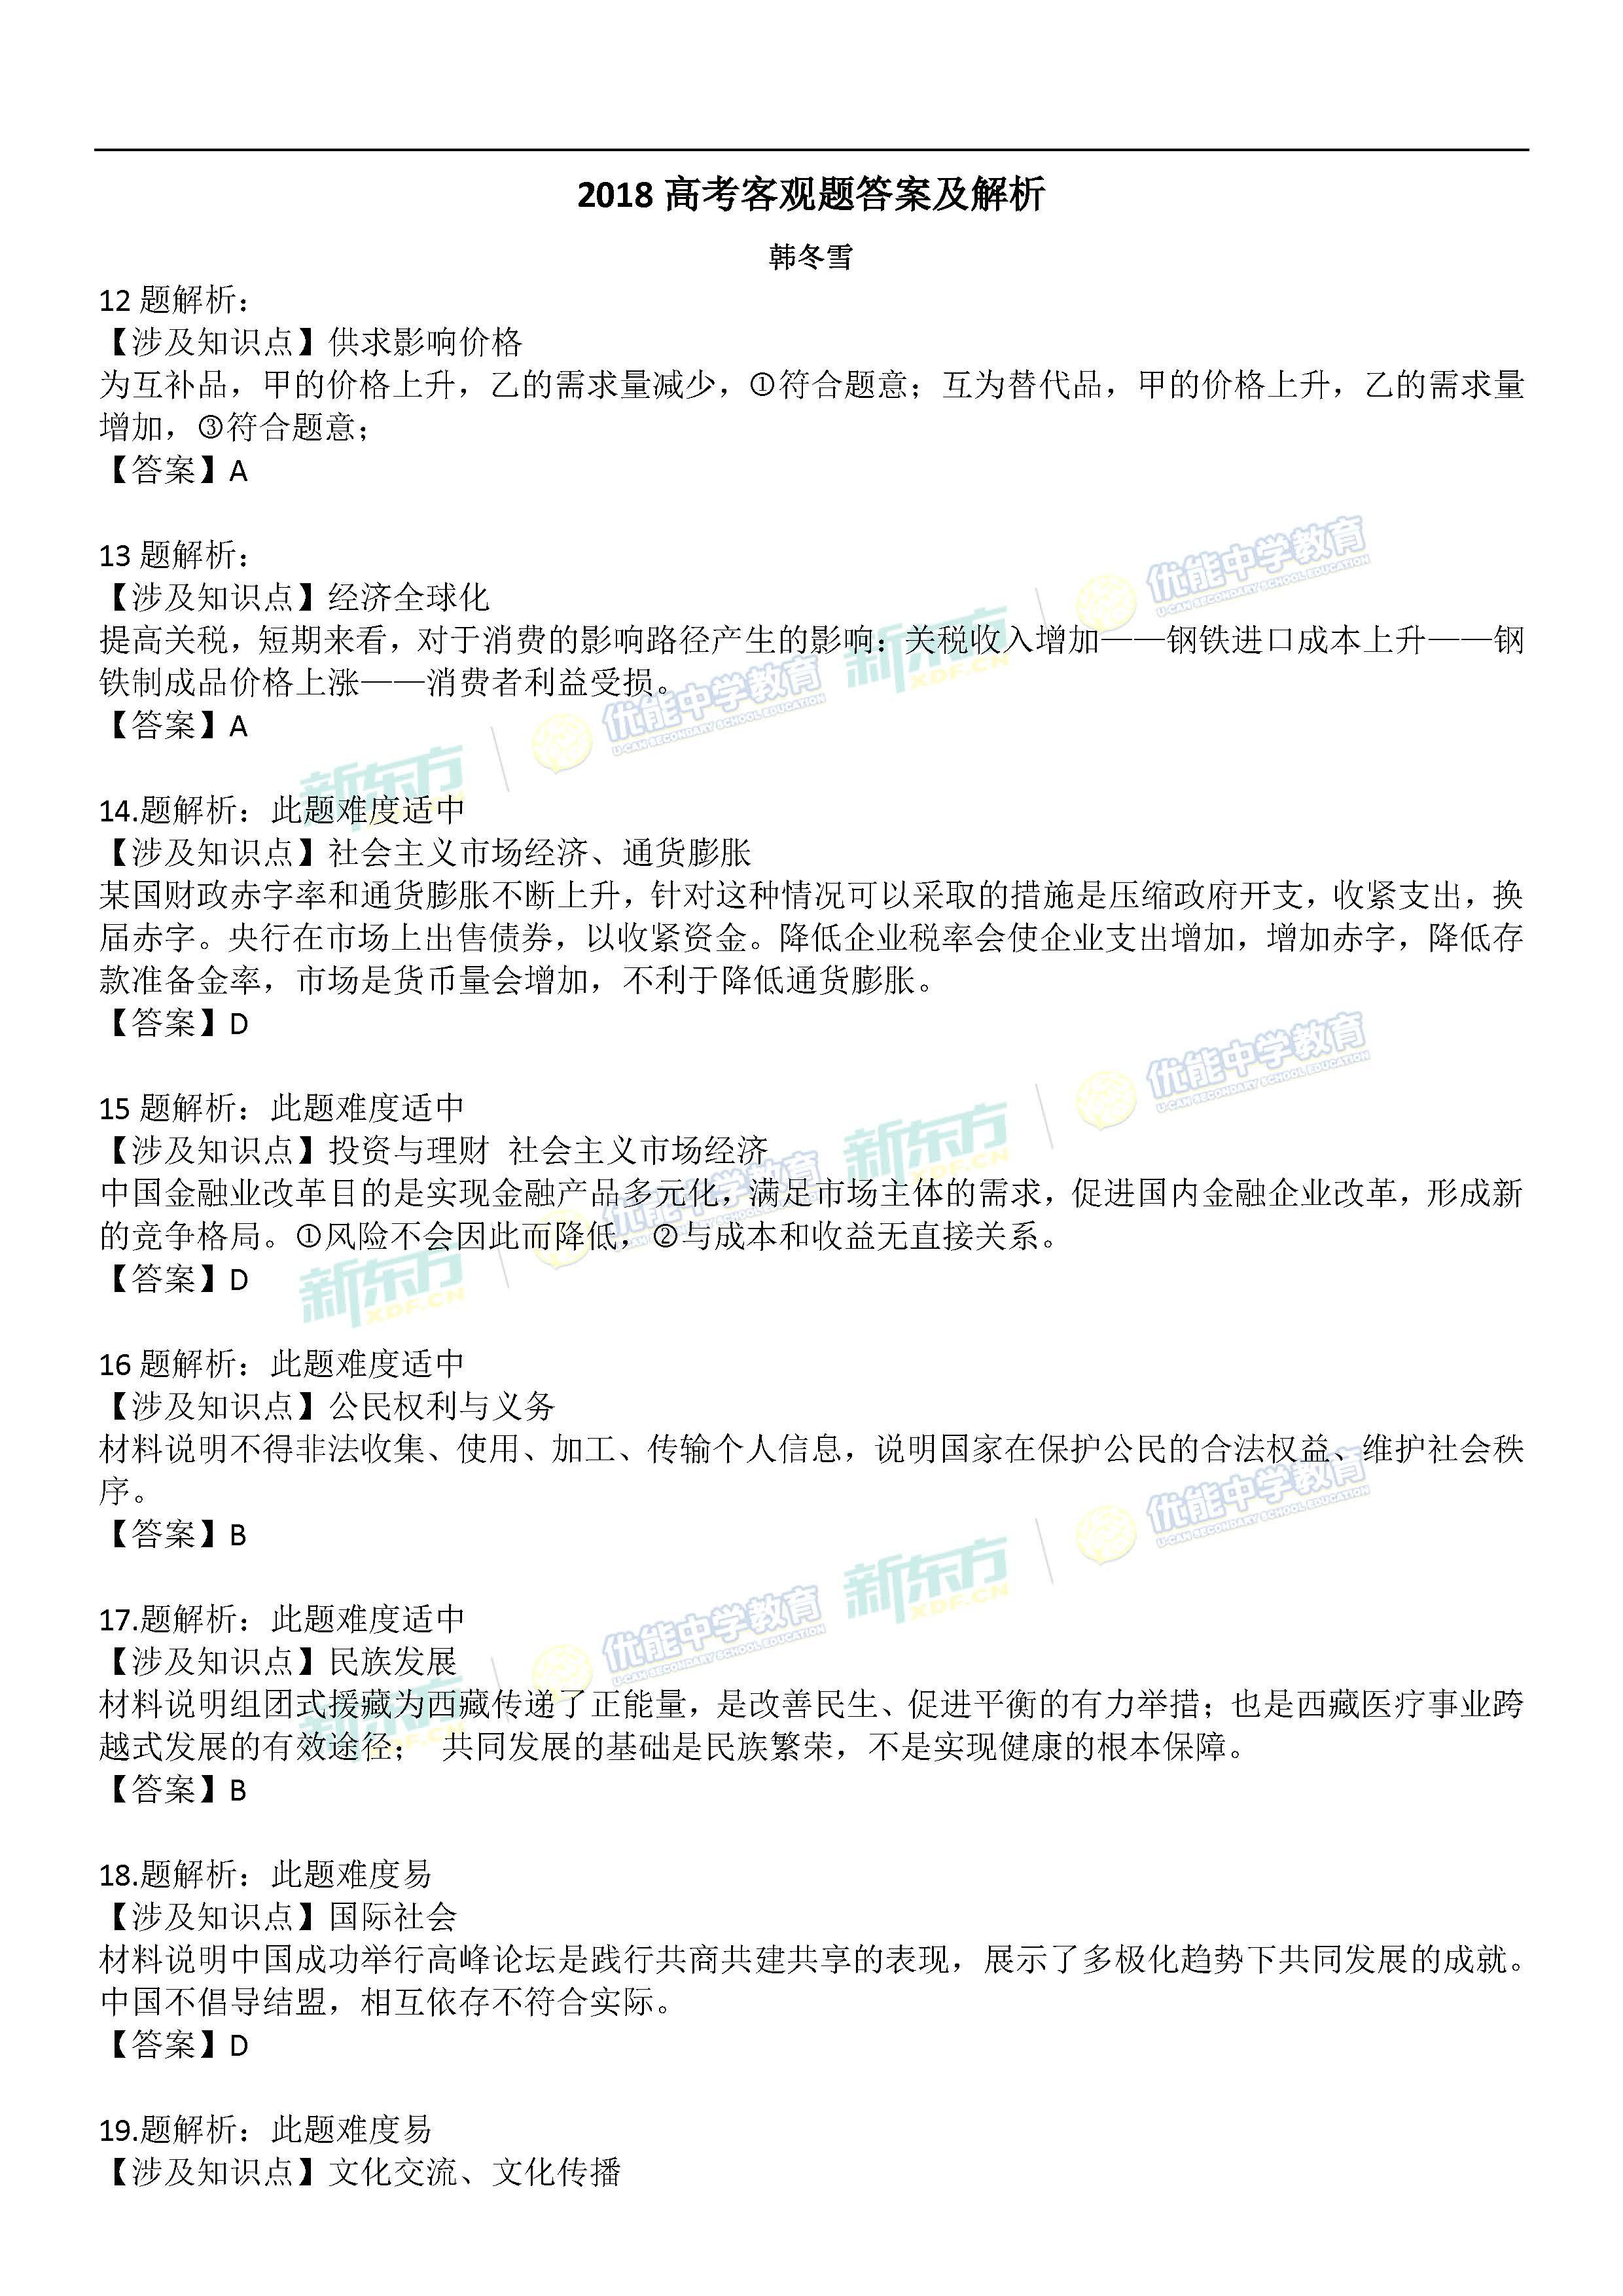 2018全国卷2高考文综政治选择题12-23题答案点评(沈阳新东方)